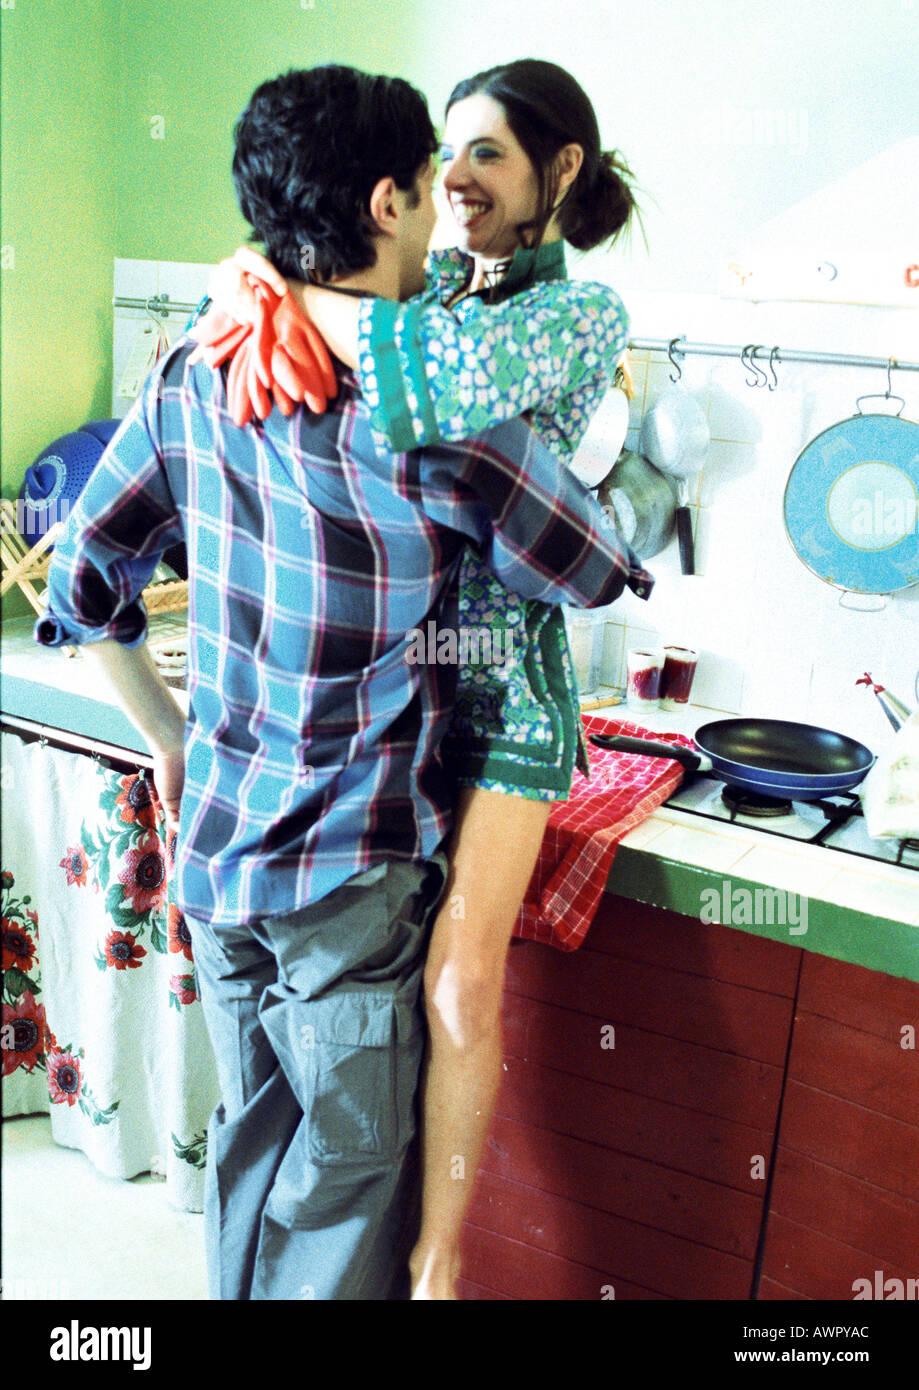 L'homme et la femme, joignant en cuisine. Banque D'Images